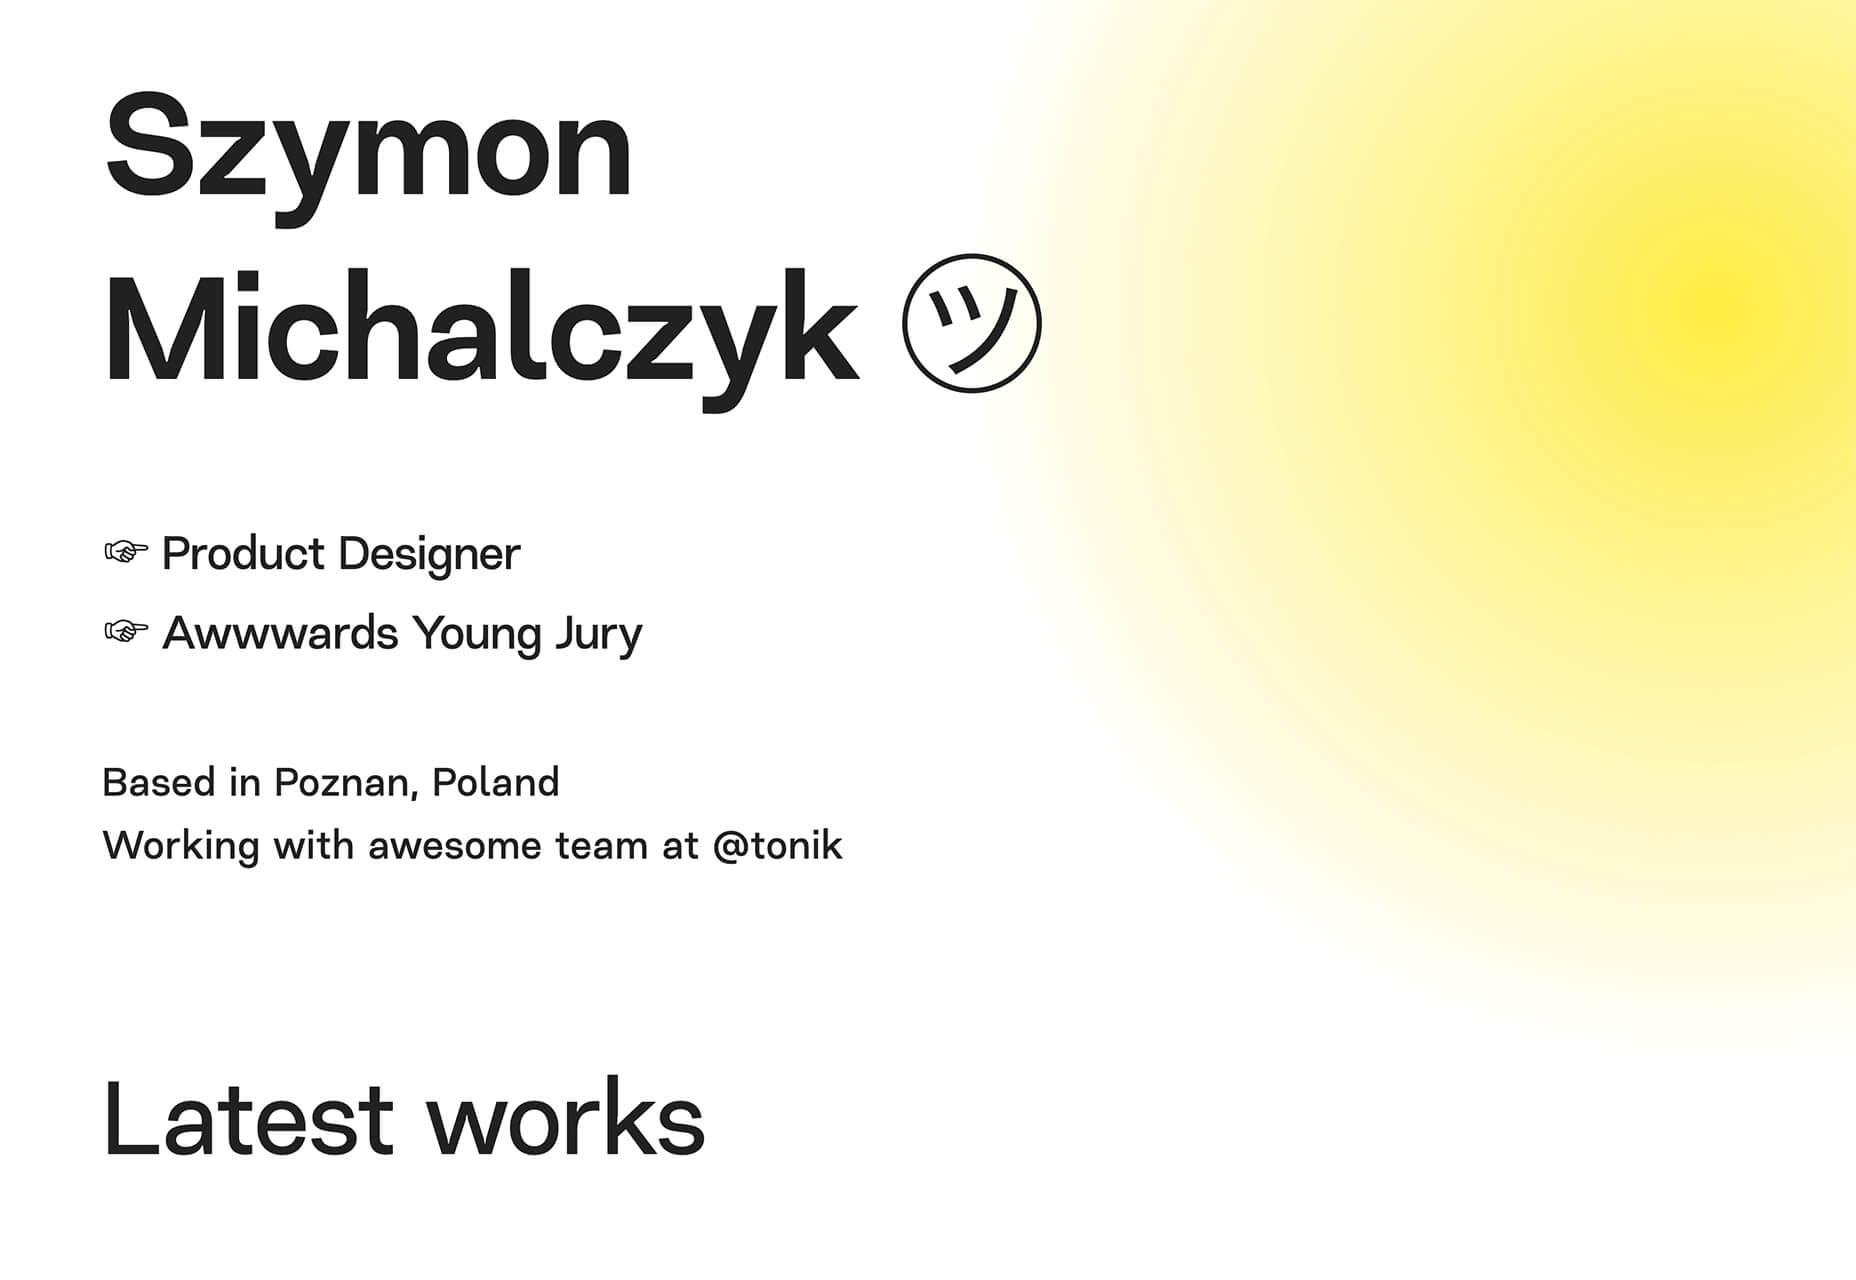 Image of syzmon